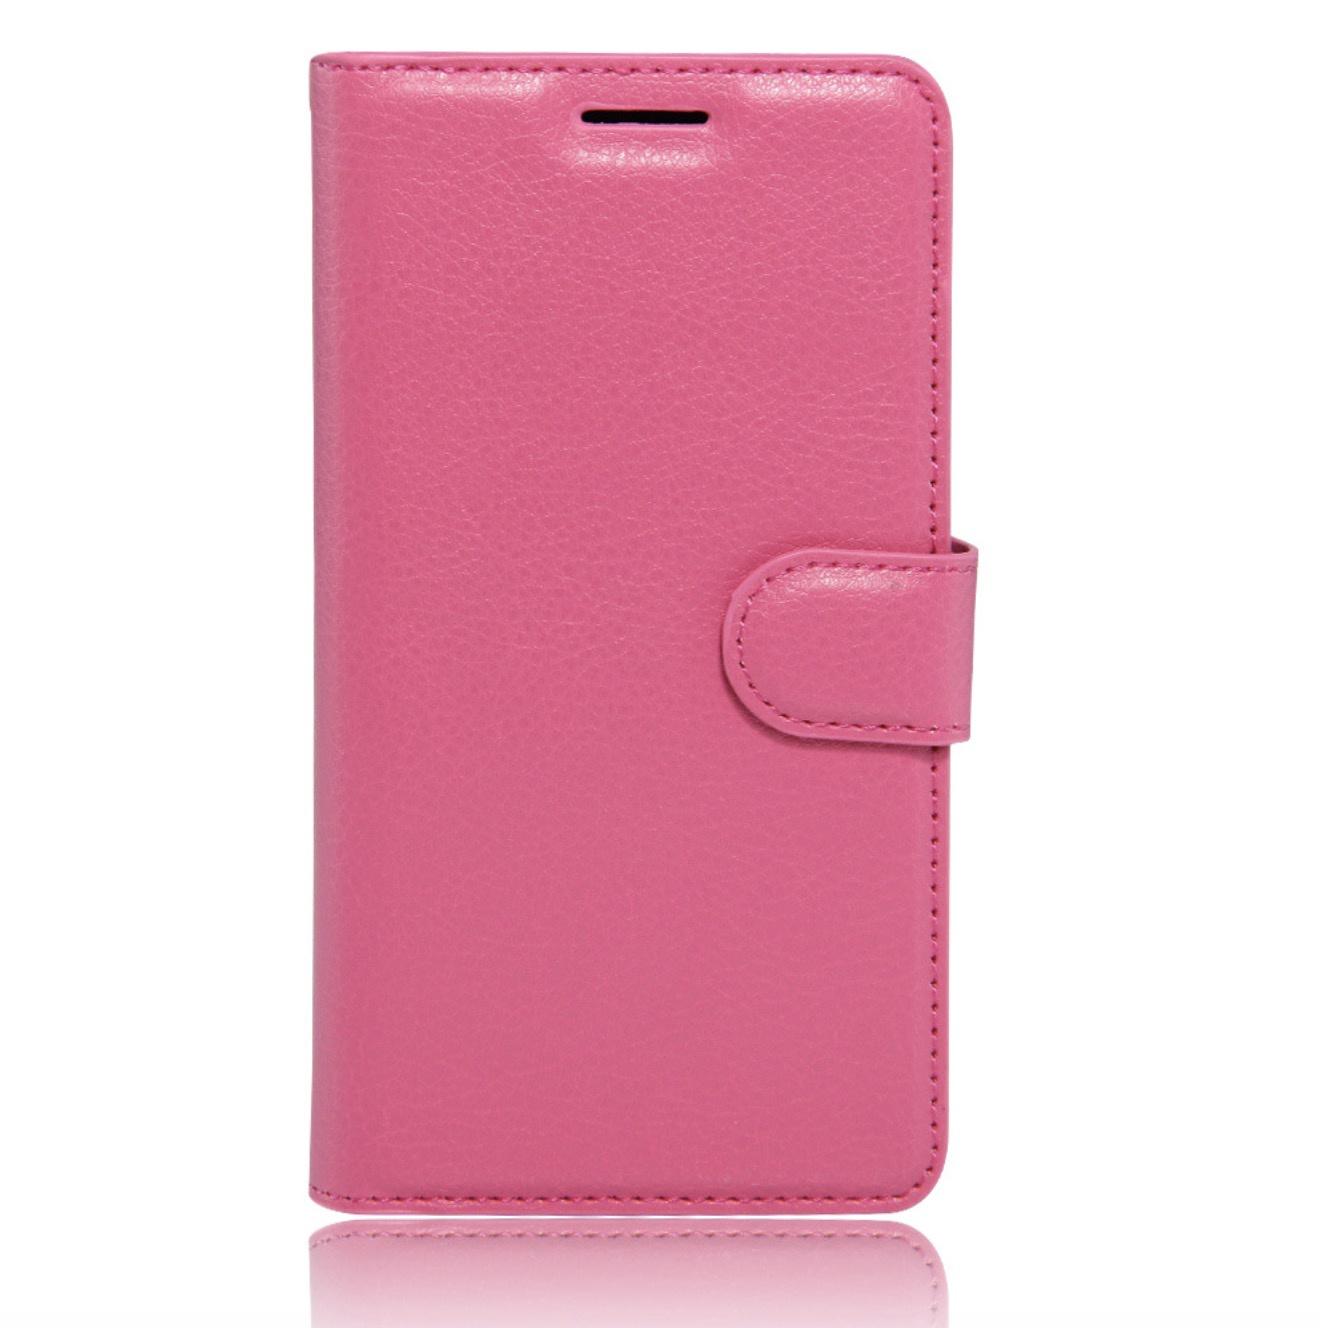 Чехол для сотового телефона MyPads для Lenovo Vibe A2020 с мульти-подставкой застёжкой и визитницей розовый red tree design кожа pu откидной крышки кошелек карты держатель чехол для lenovo a2020